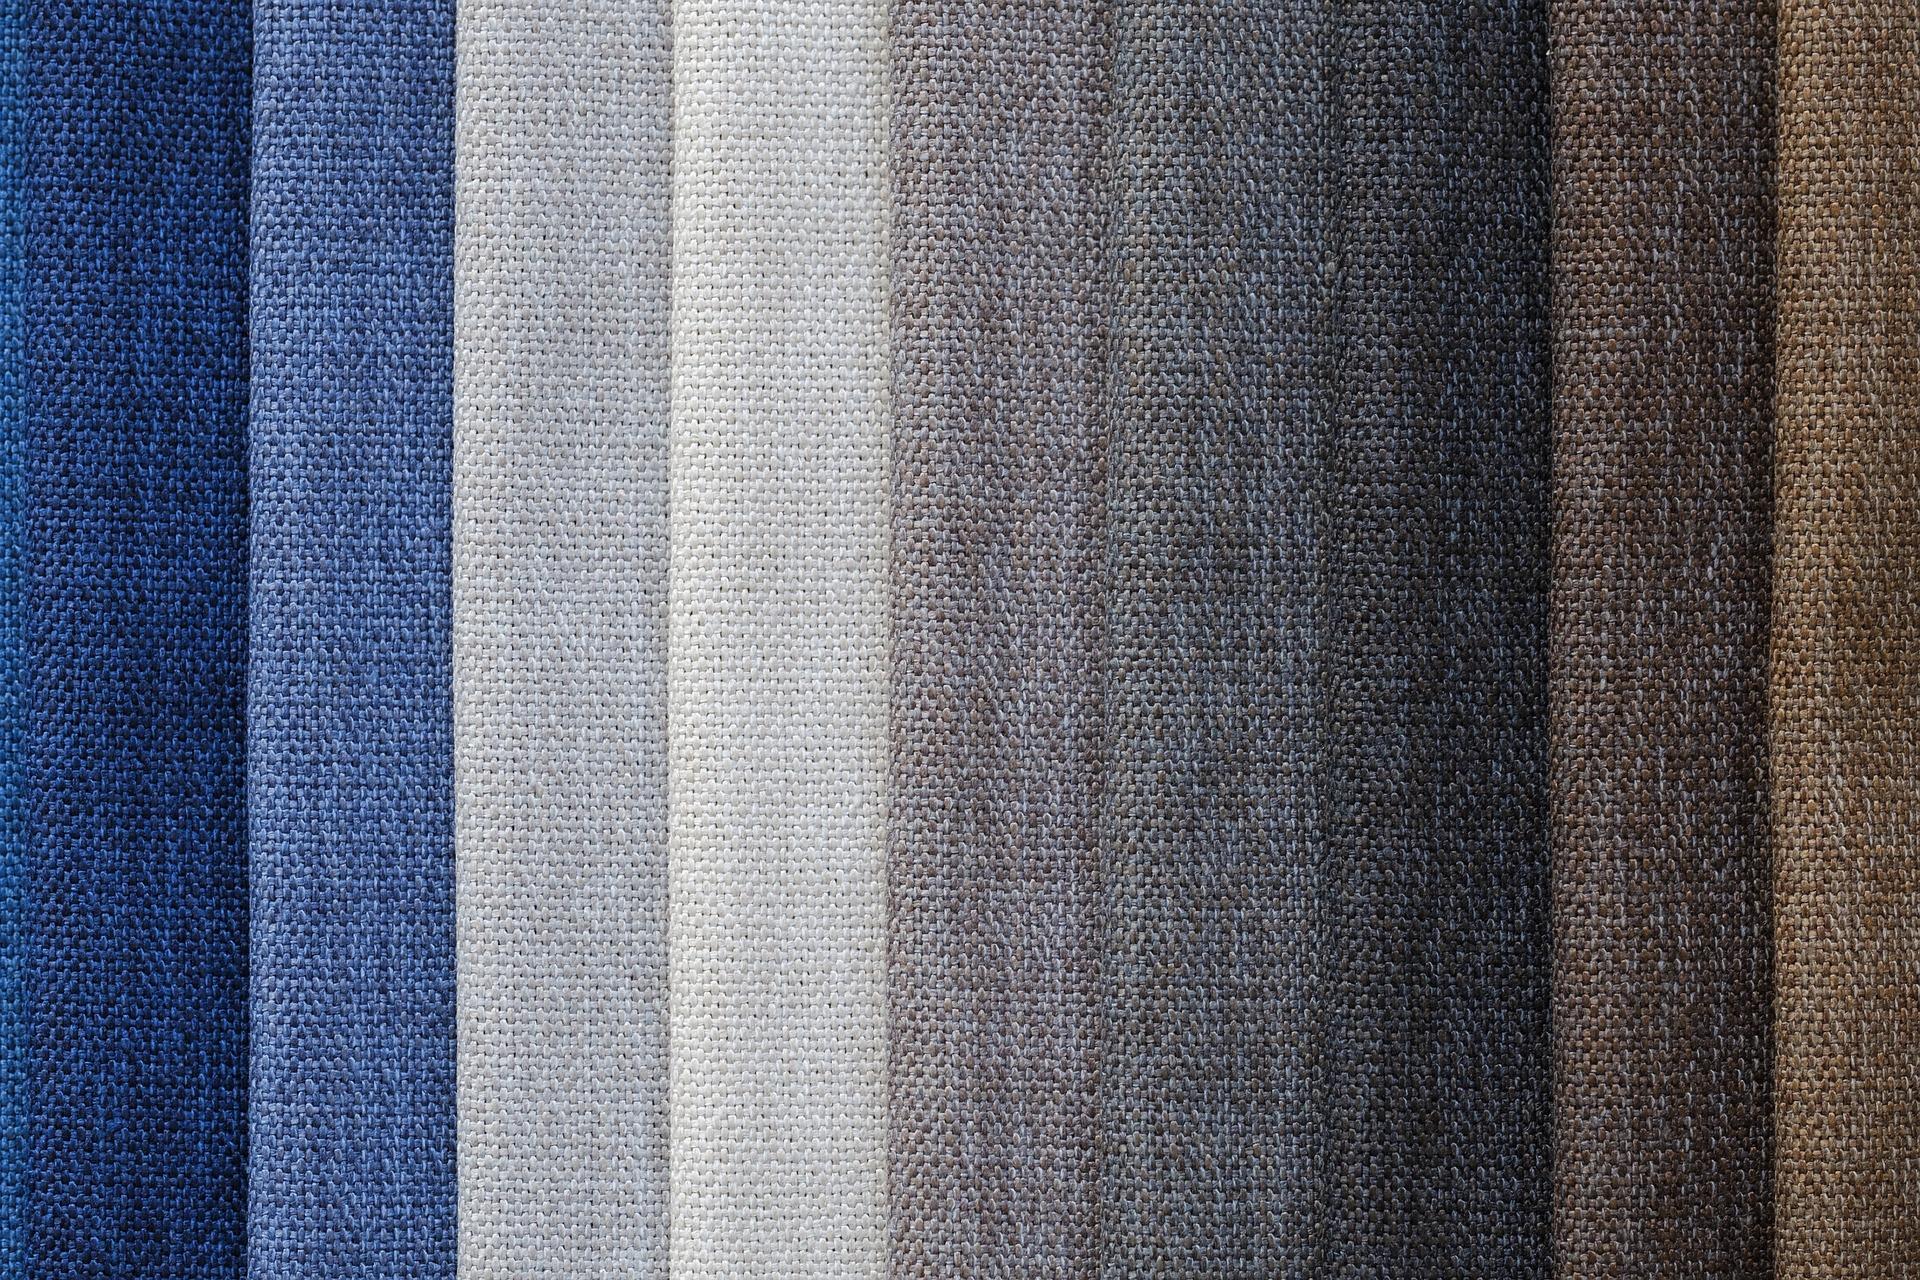 581a099d2f Conheça mais sobre a indústria têxtil - Maestro